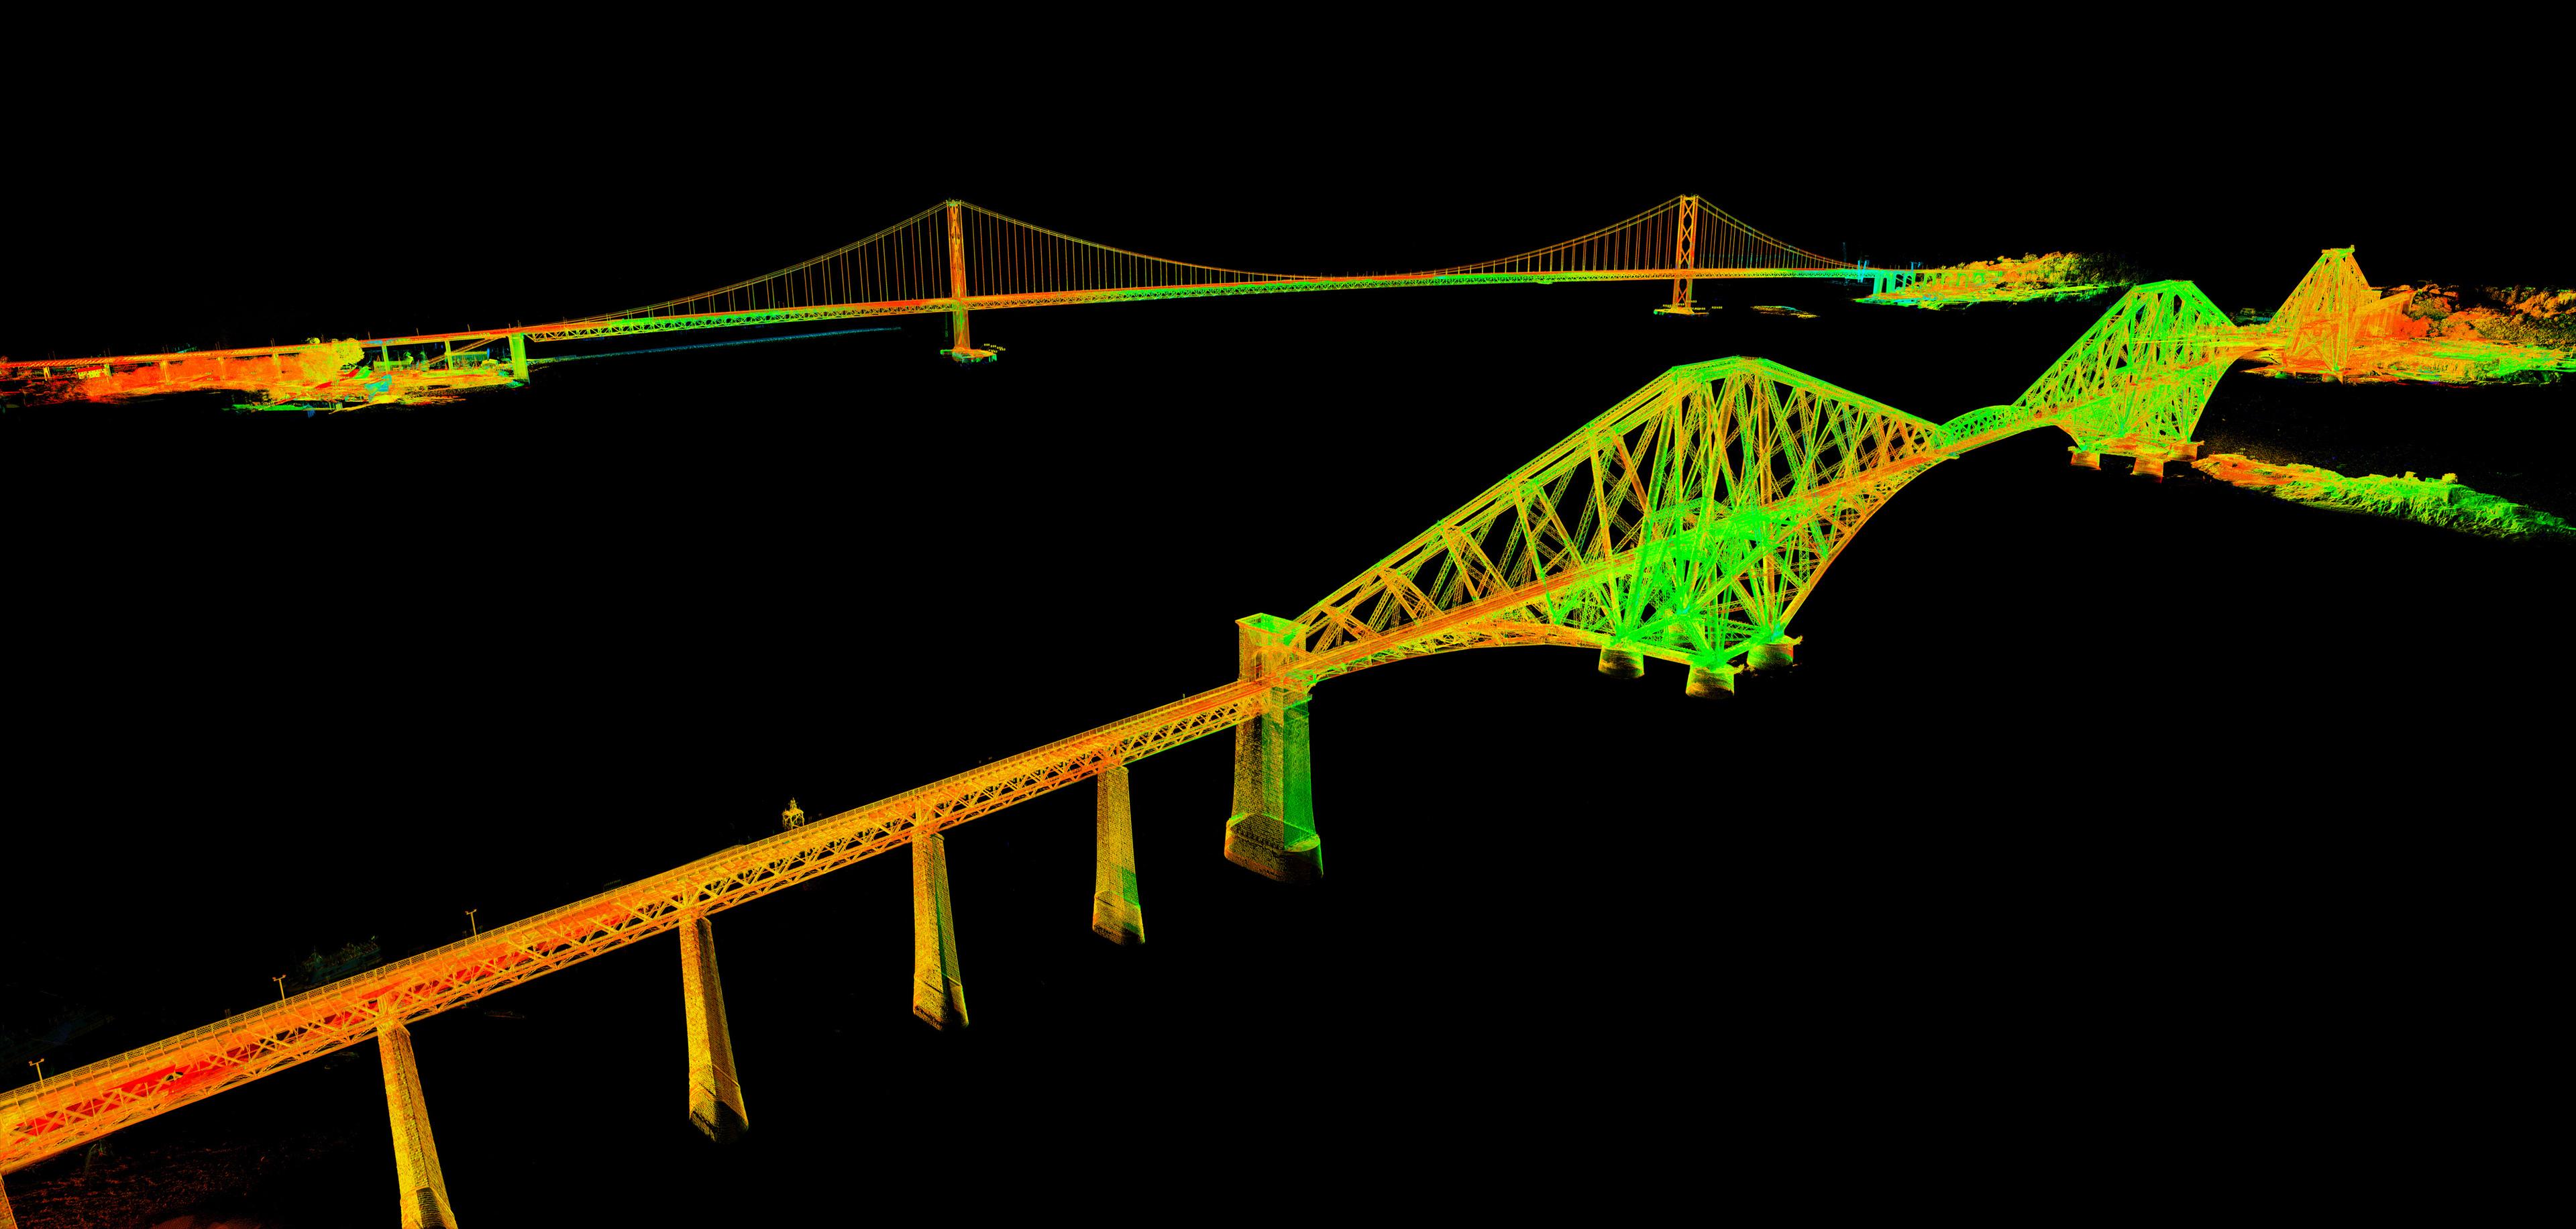 The Forth Bridge and Forth Road Bridge